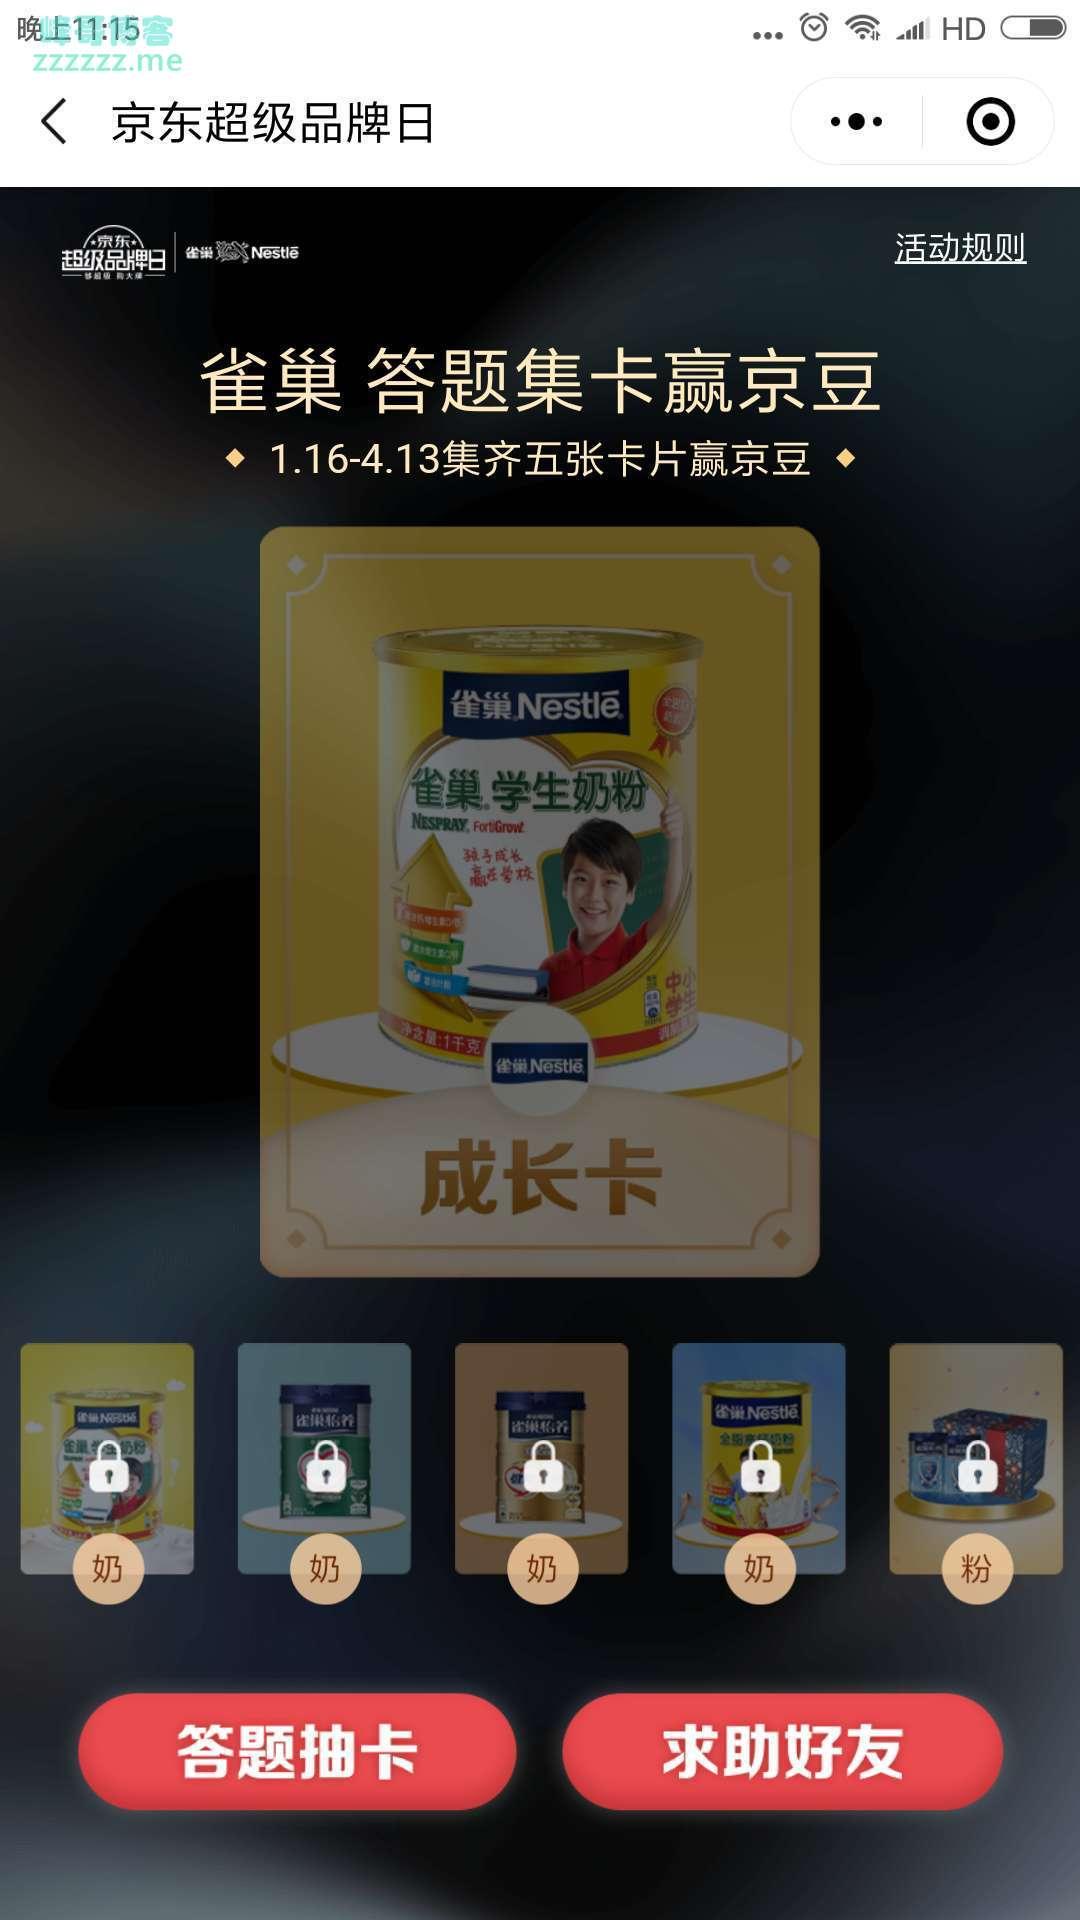 <京东>雀巢 集卡赢666京豆(截至4月13日)